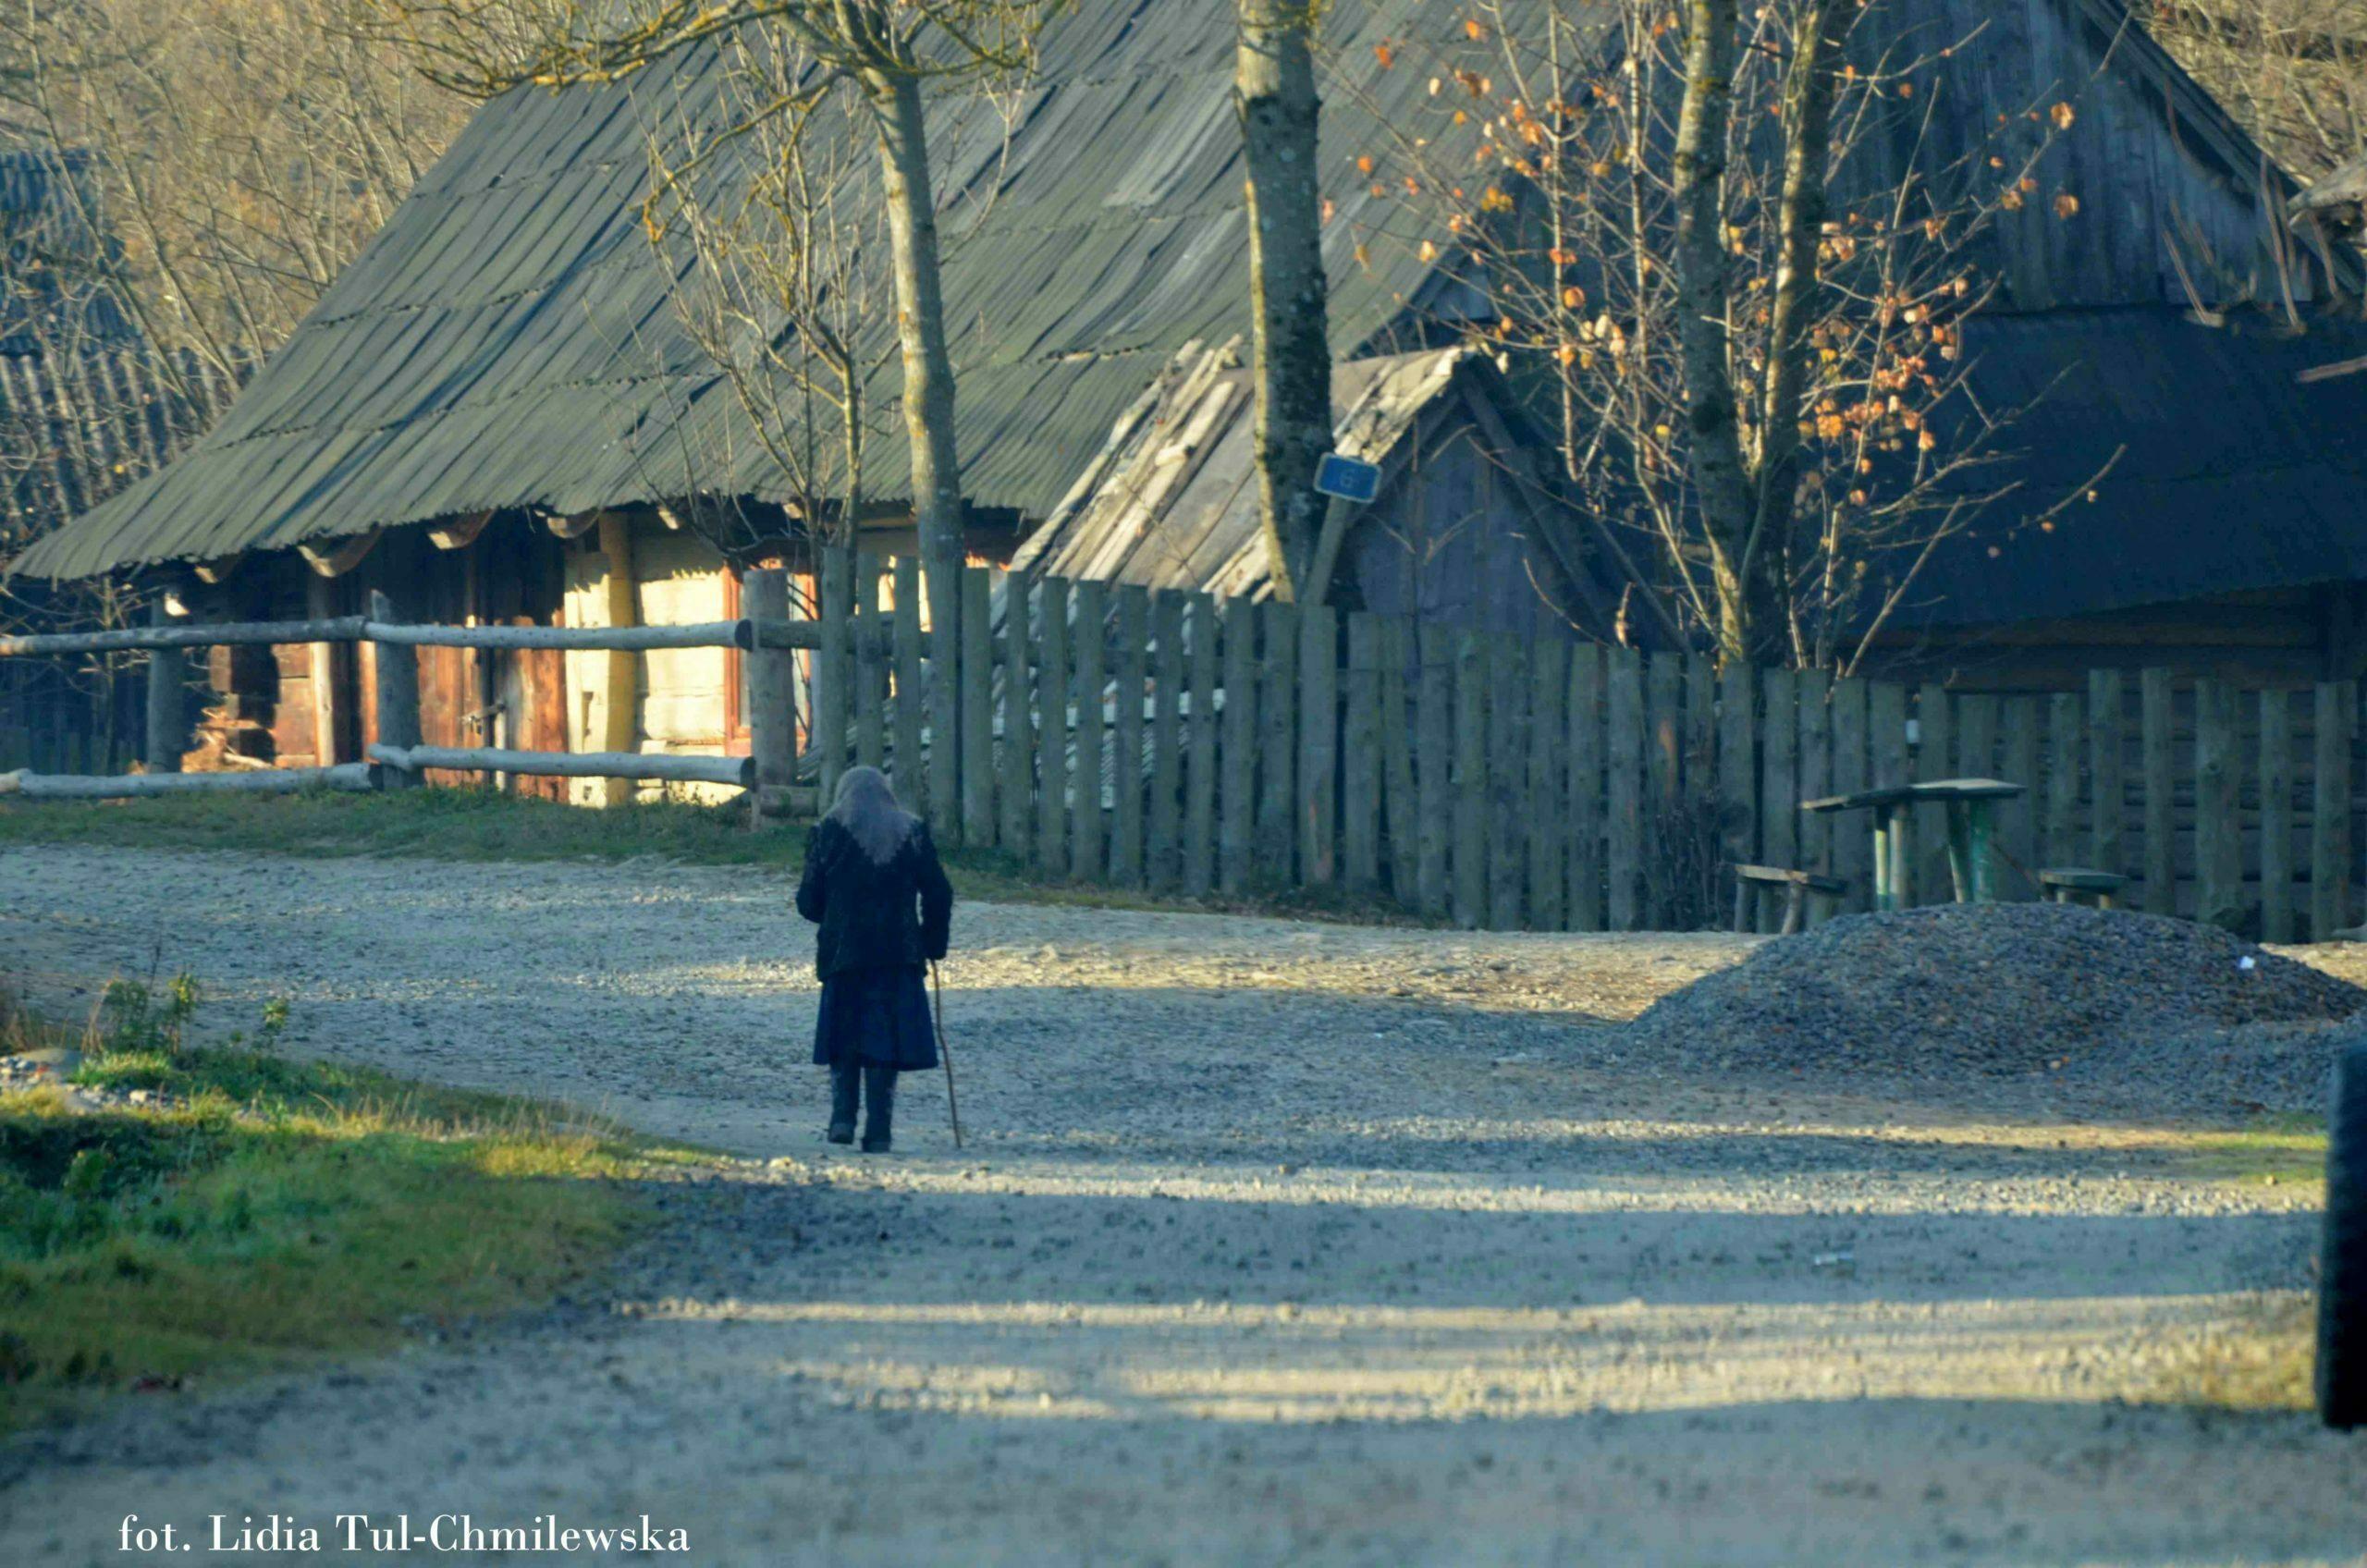 Wieś zakarpacka fot.Lidia Tul-Chmielewska